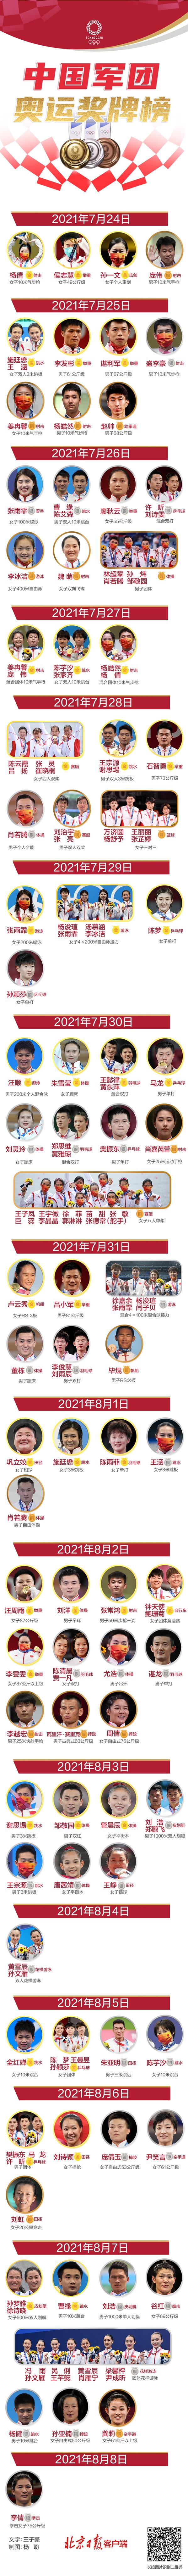 38金、32银、18铜!中国奥运军团荣耀回顾